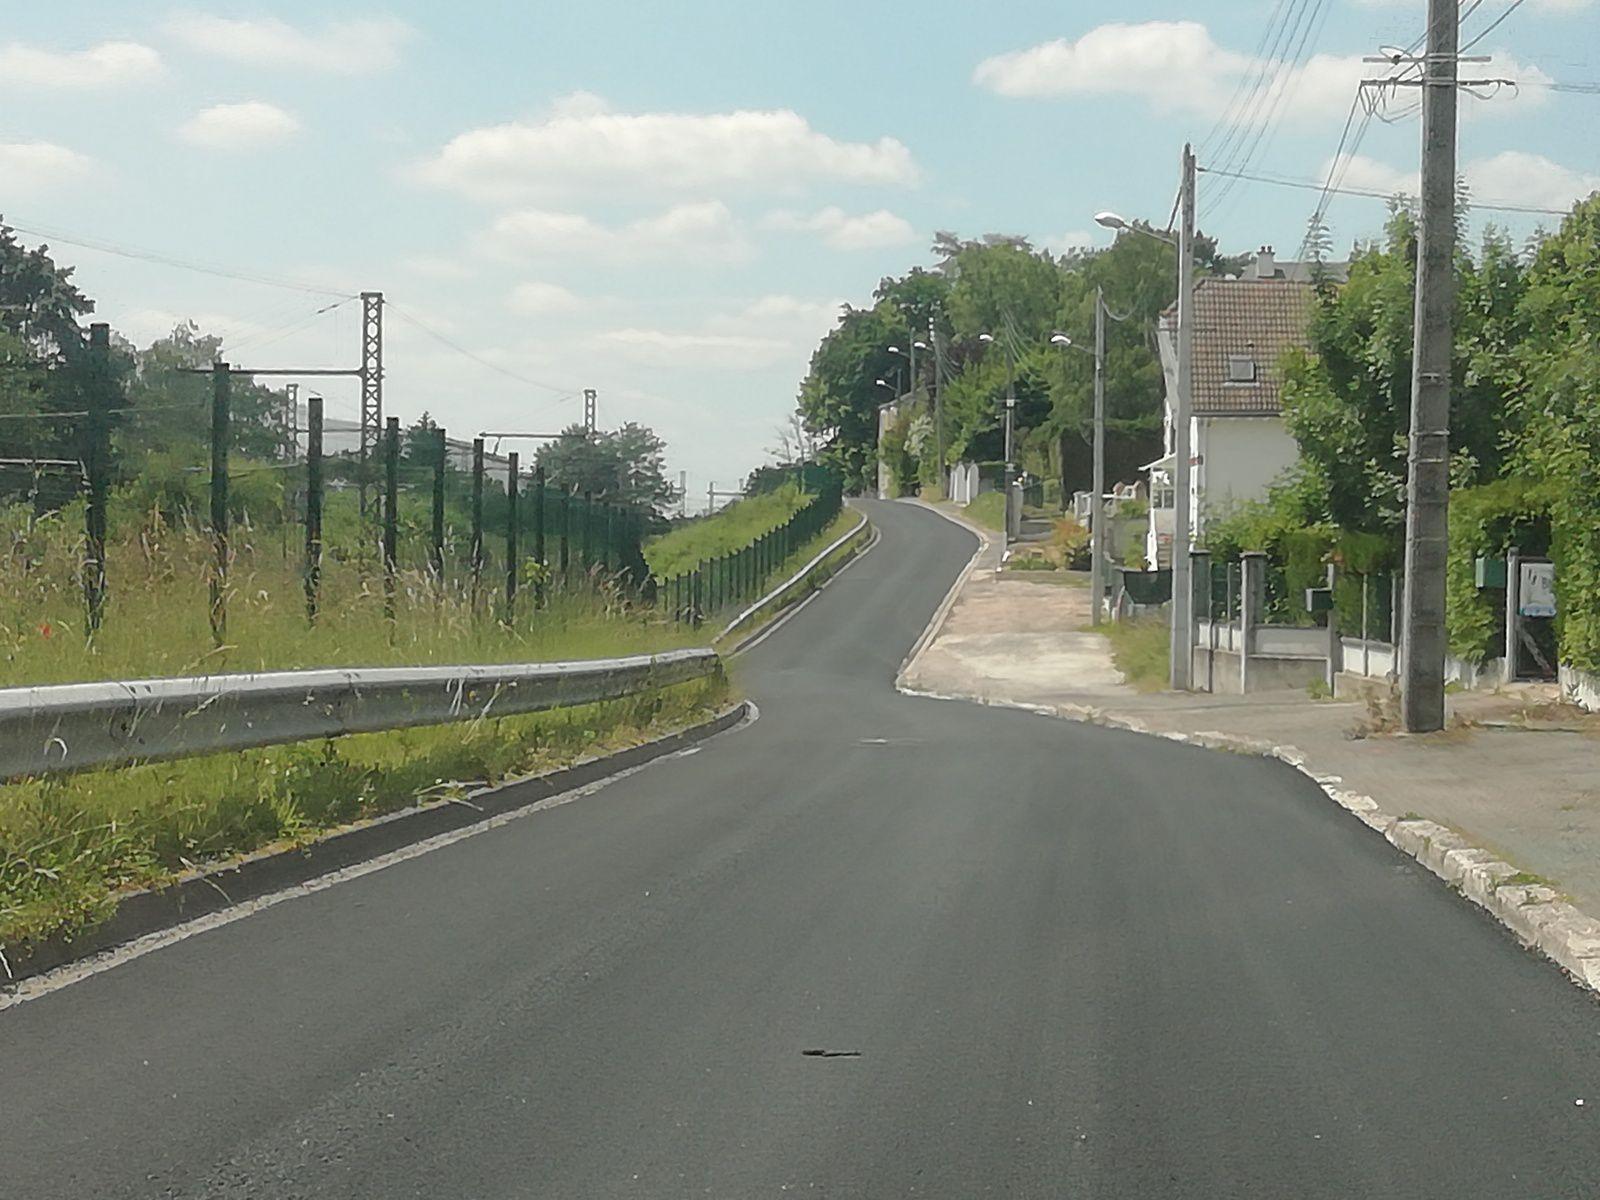 Oh, la belle rue Etienne Nivet ! Merci le tour de France !